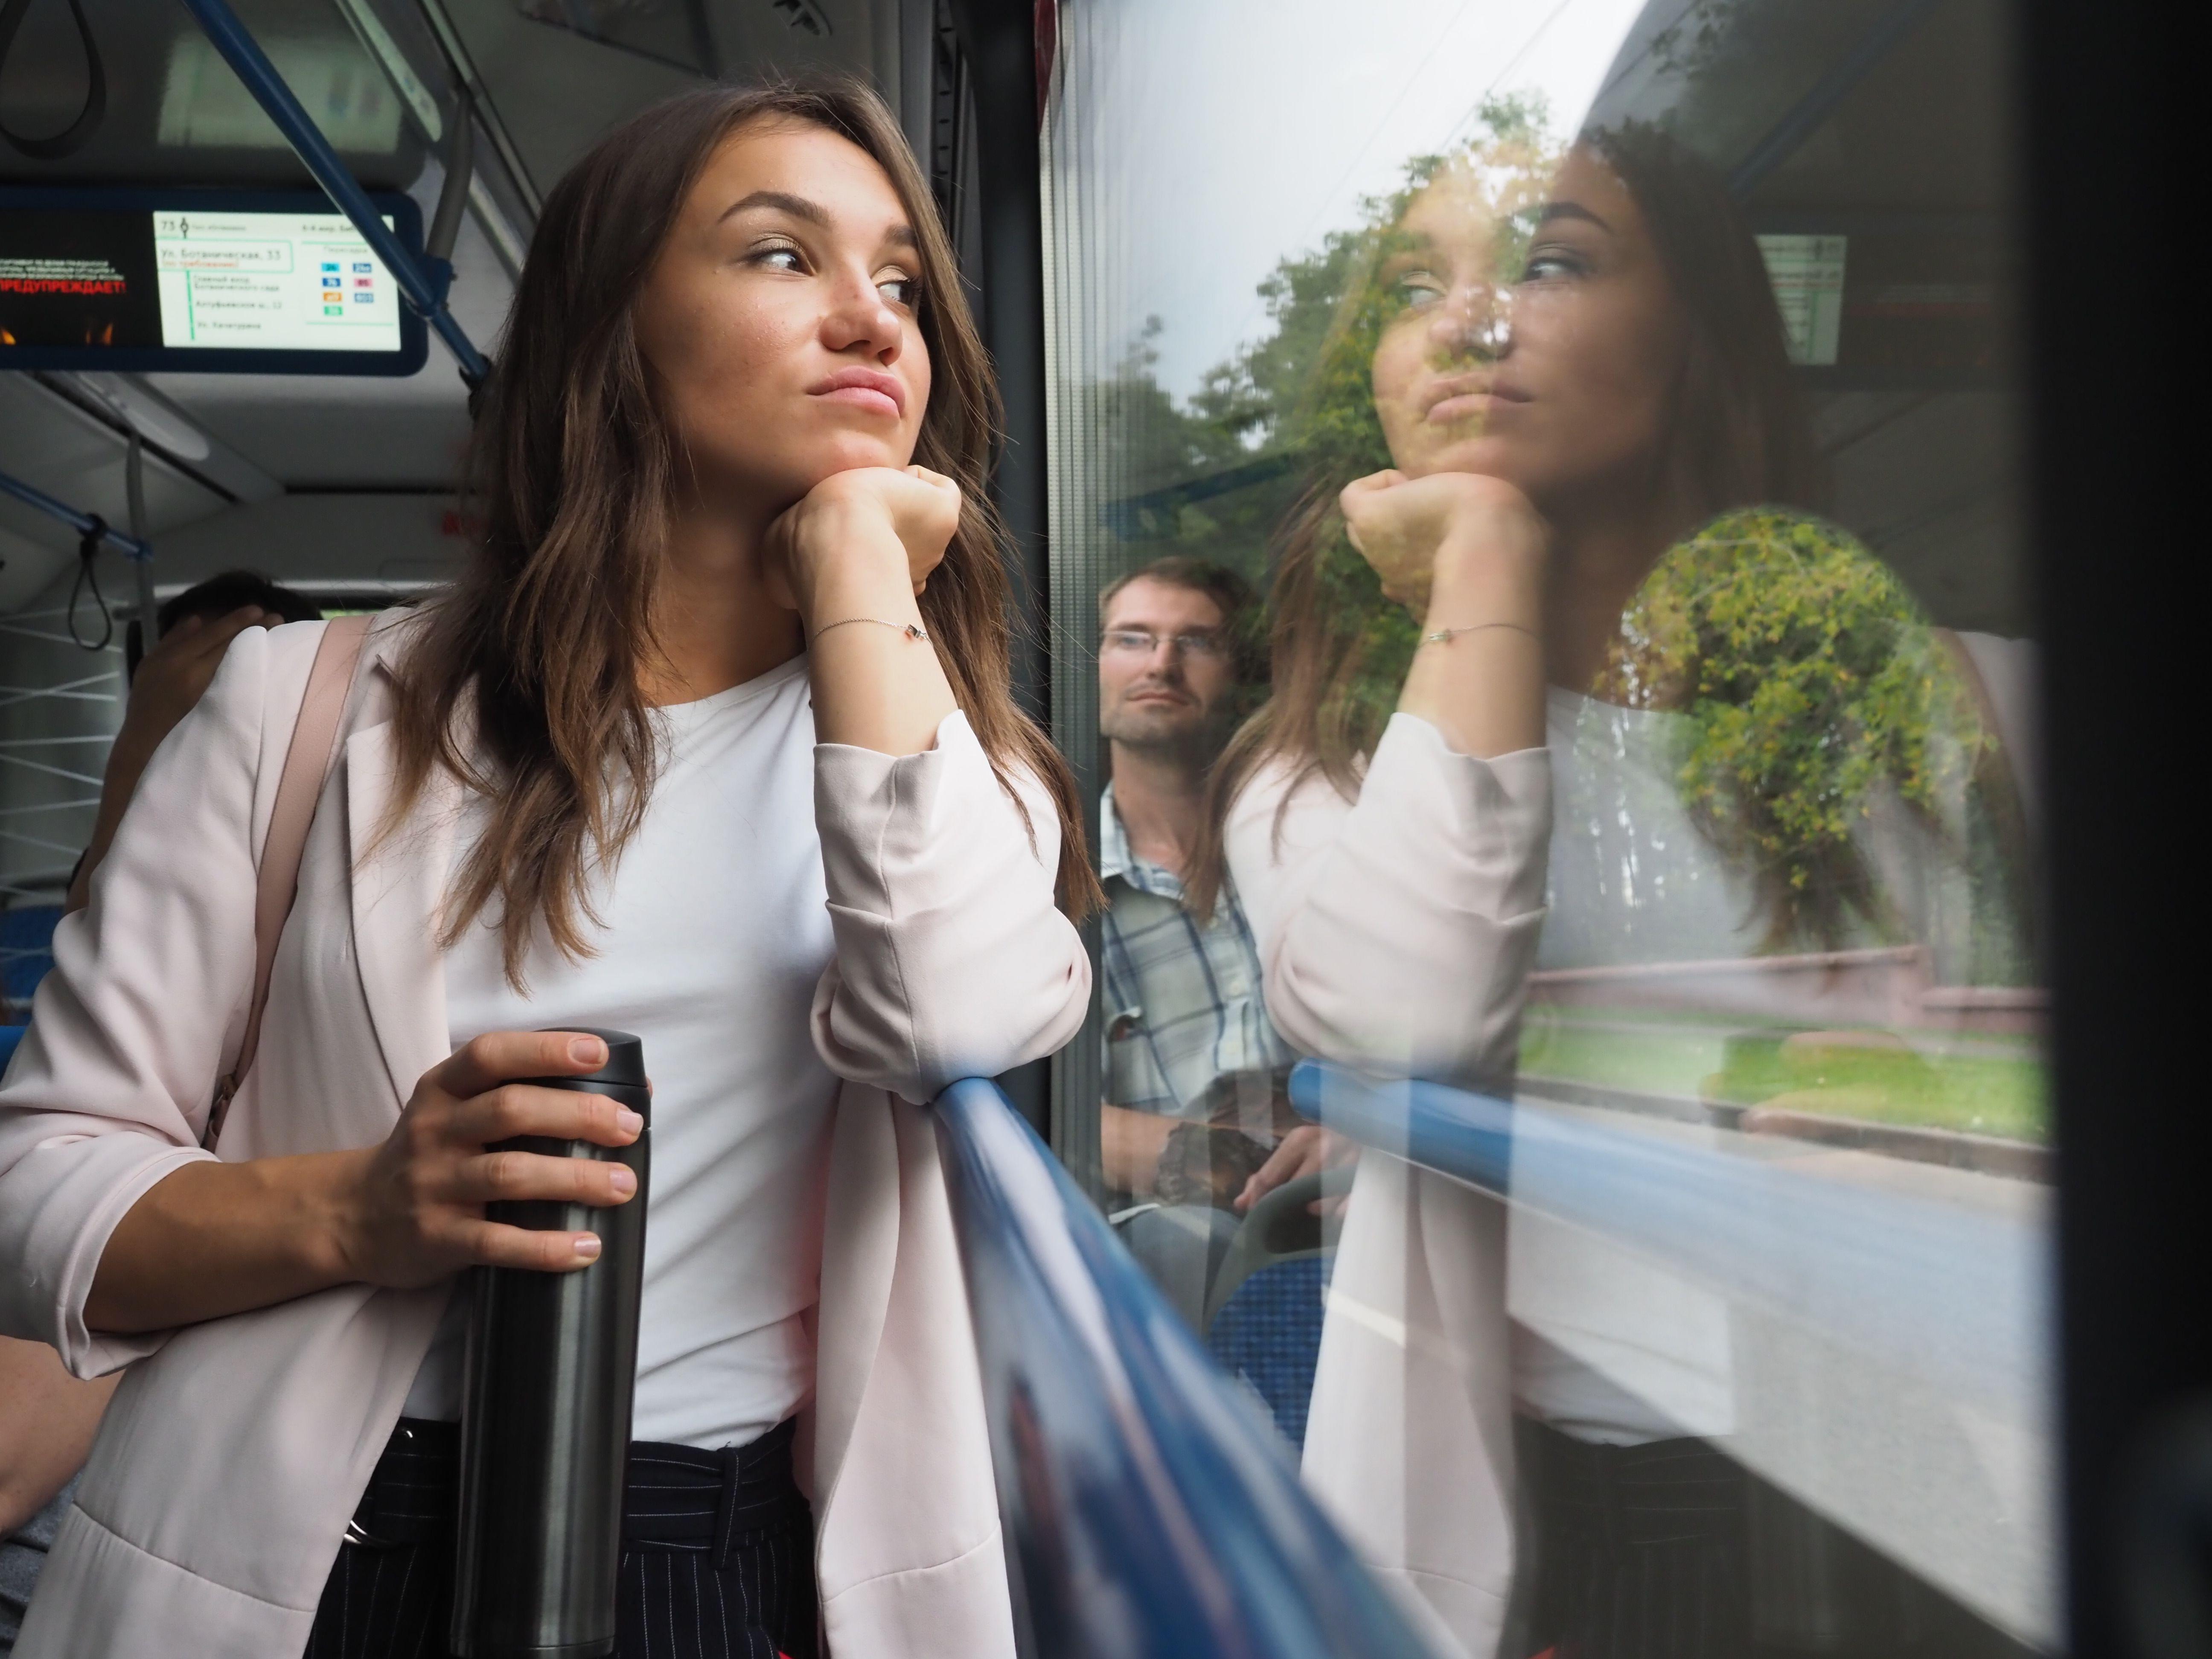 Пассажиры московского транспорта продлят проездные с 12 июня